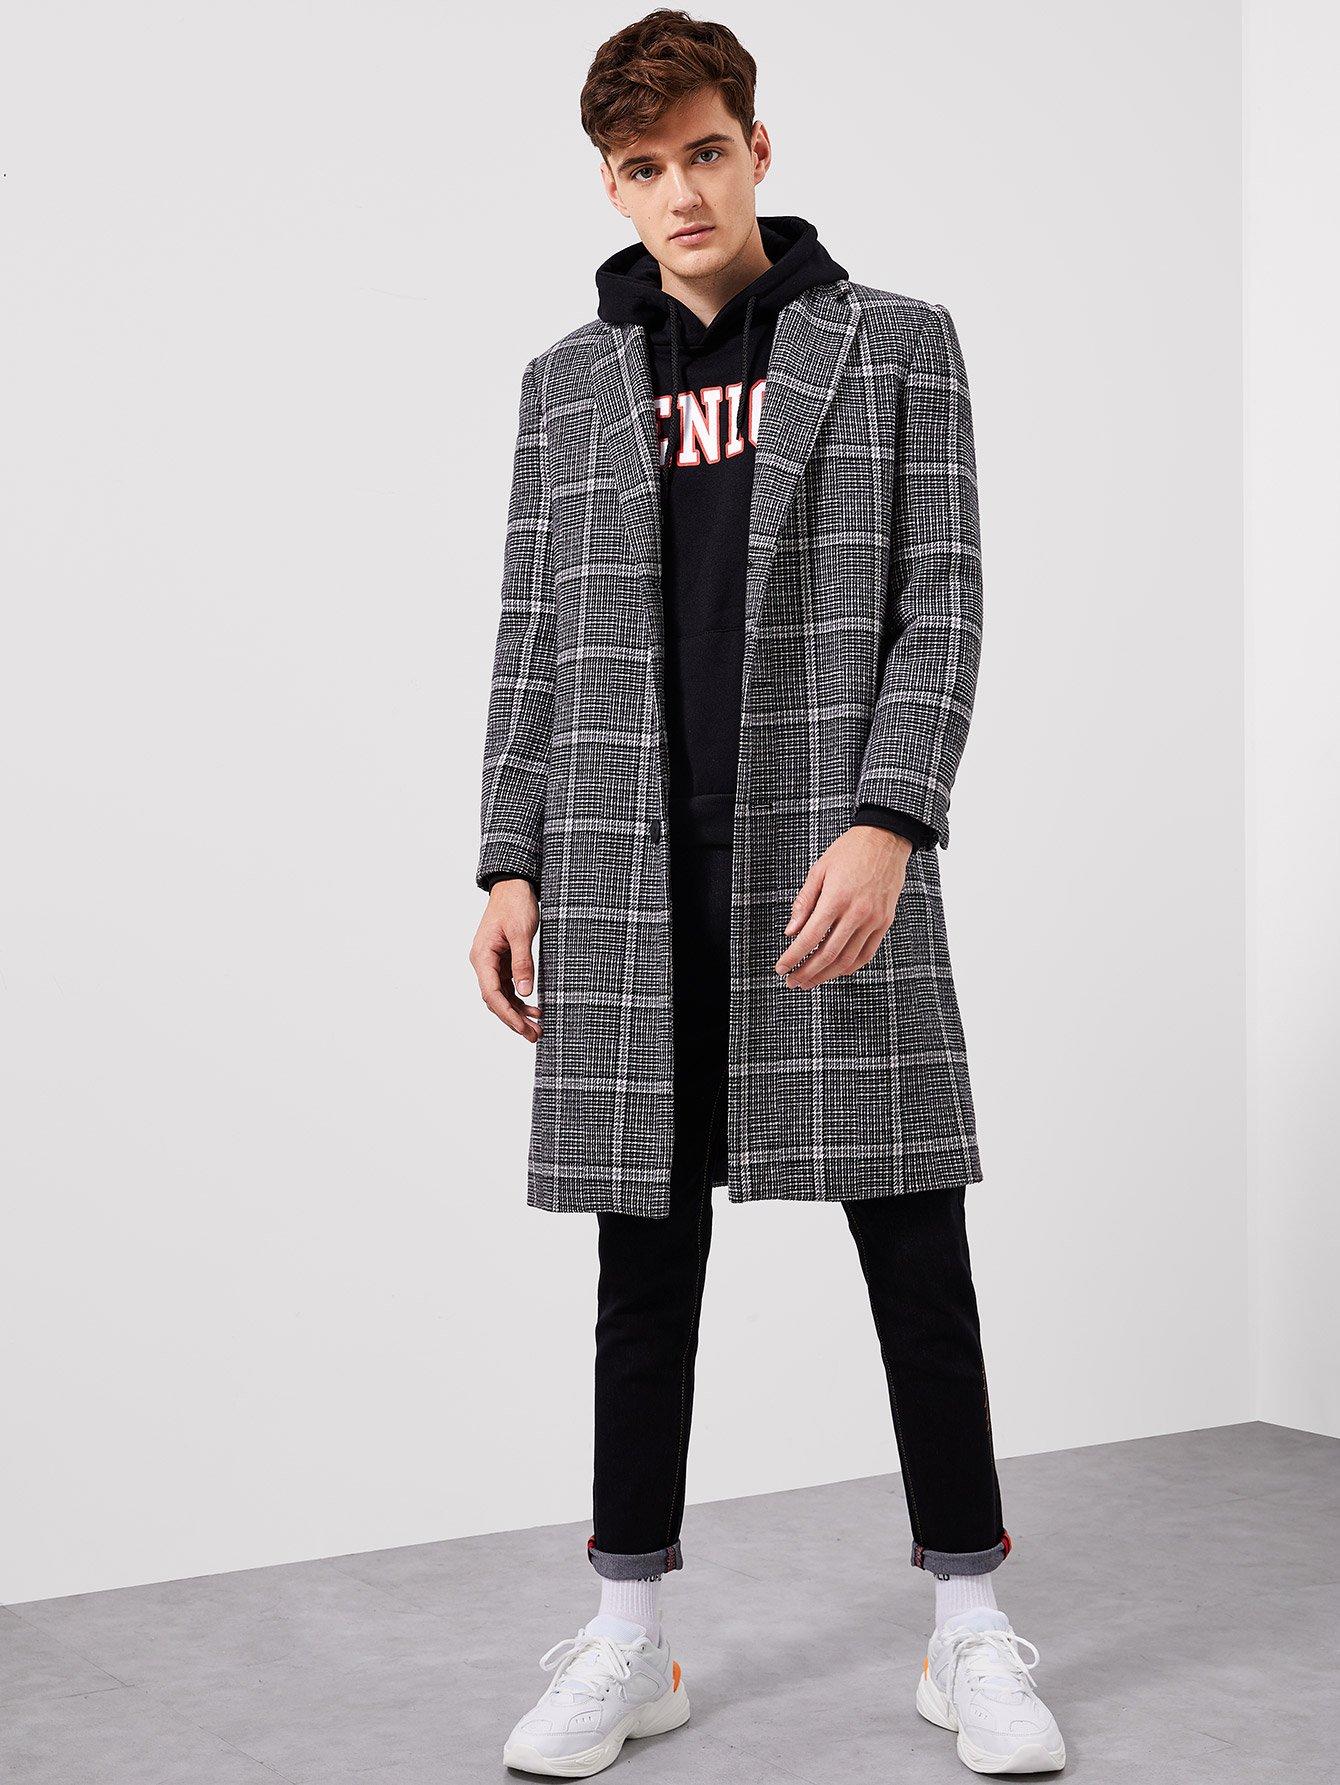 Купить Для мужчин пальто в клетку с зубчатым воротником, Jan, SheIn